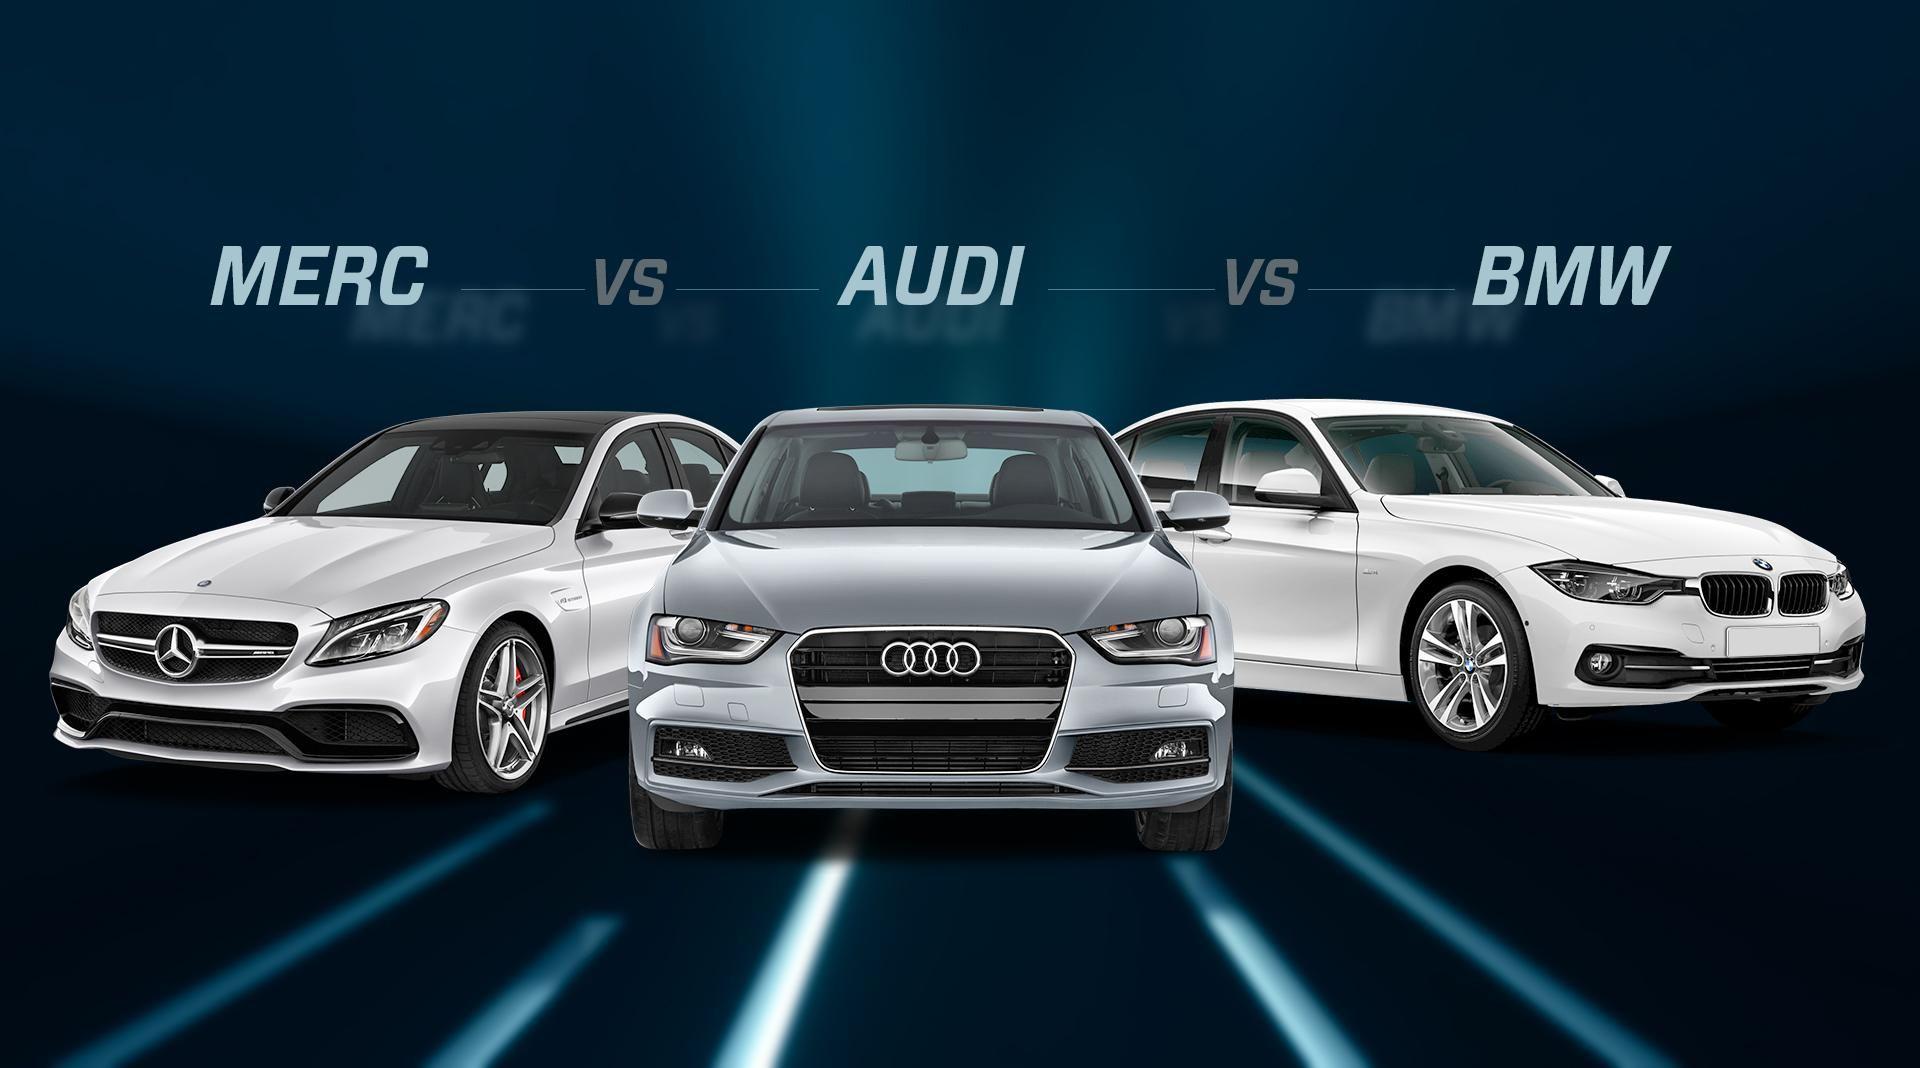 Audi Vs Mercedes >> Bmw 3 Series Vs Audi A4 Vs Mercedes Benz C Class Bmw 3